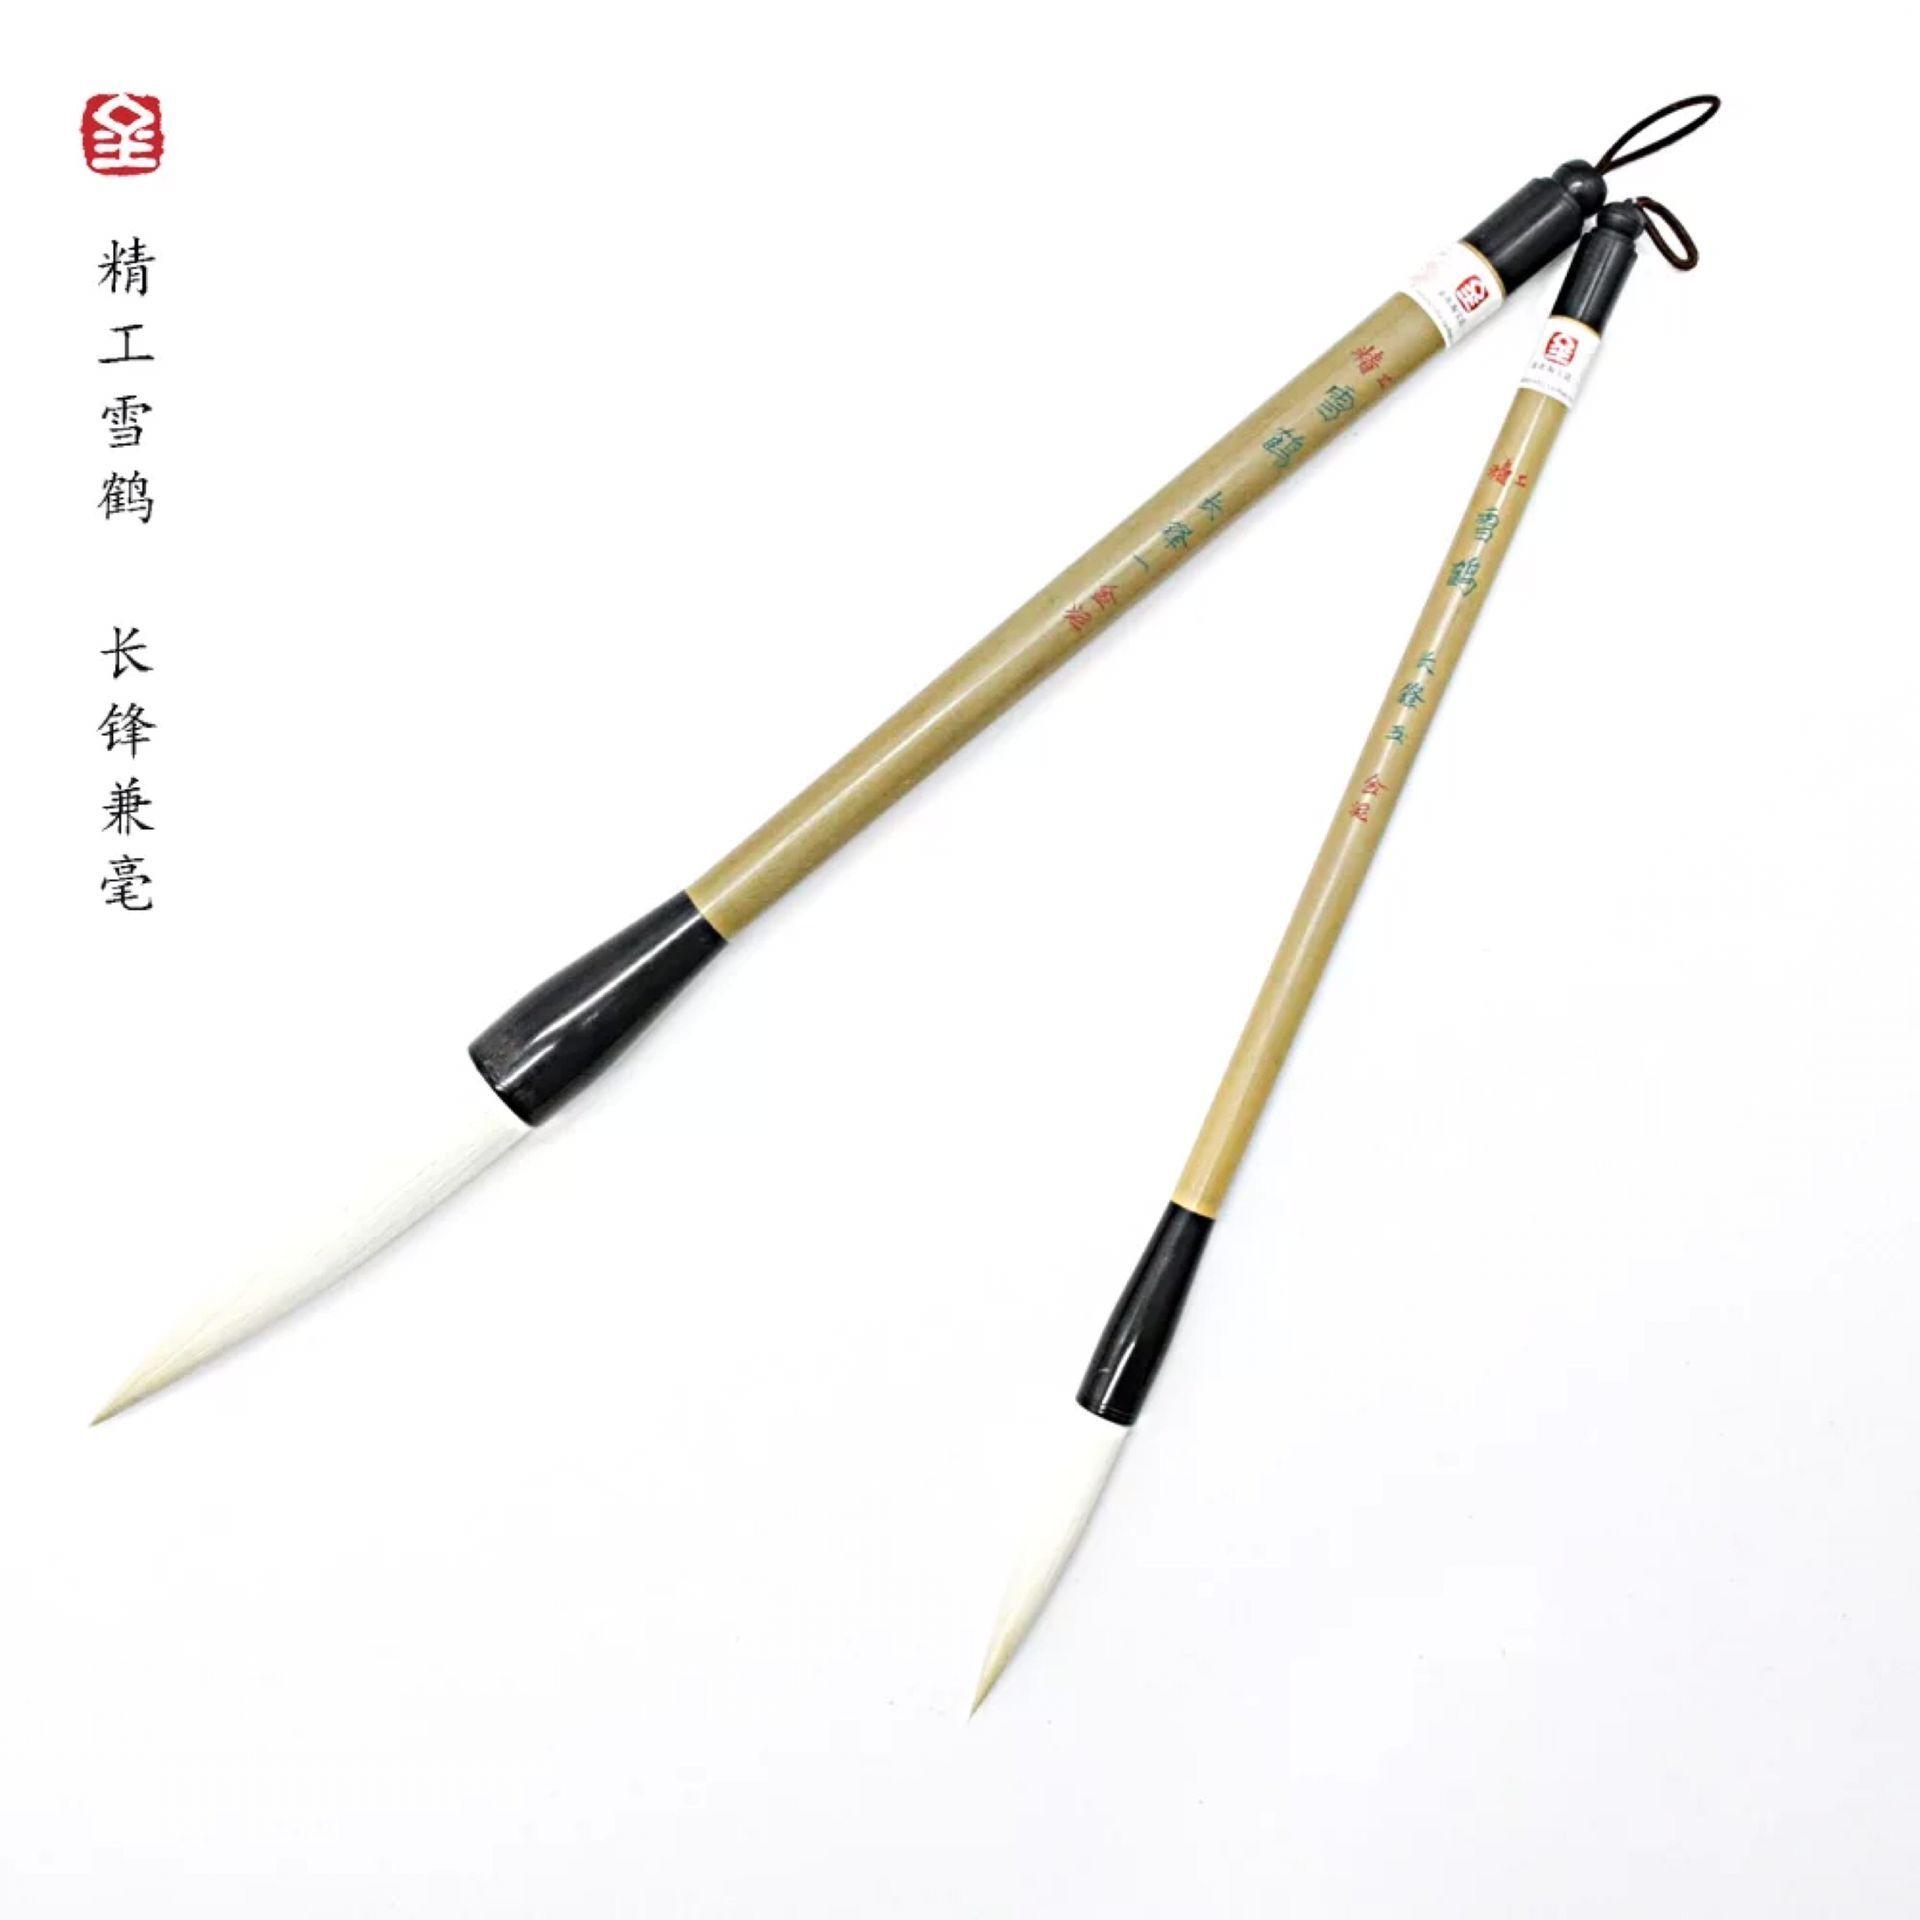 【中国金泥雪鹤】金泥雪鹤兼毫书画笔